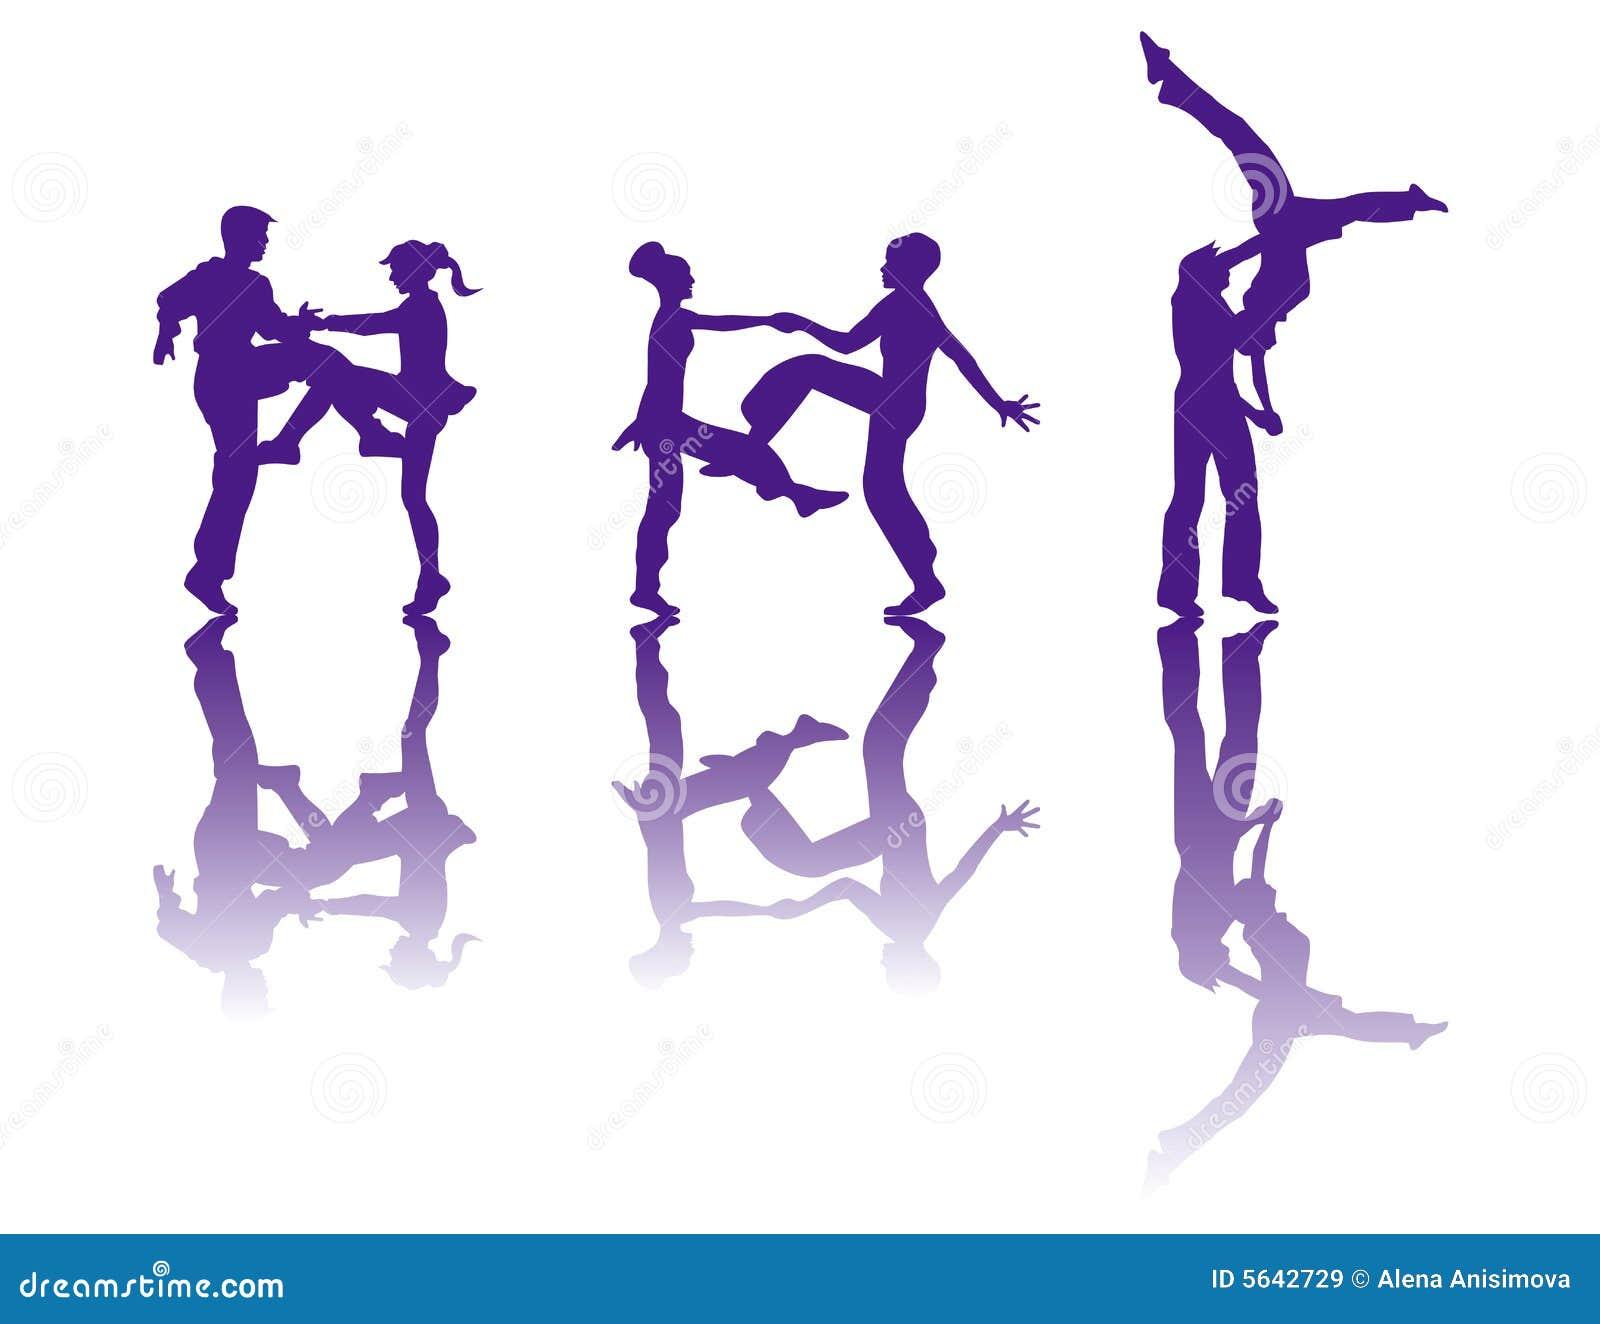 La silueta de bailarines